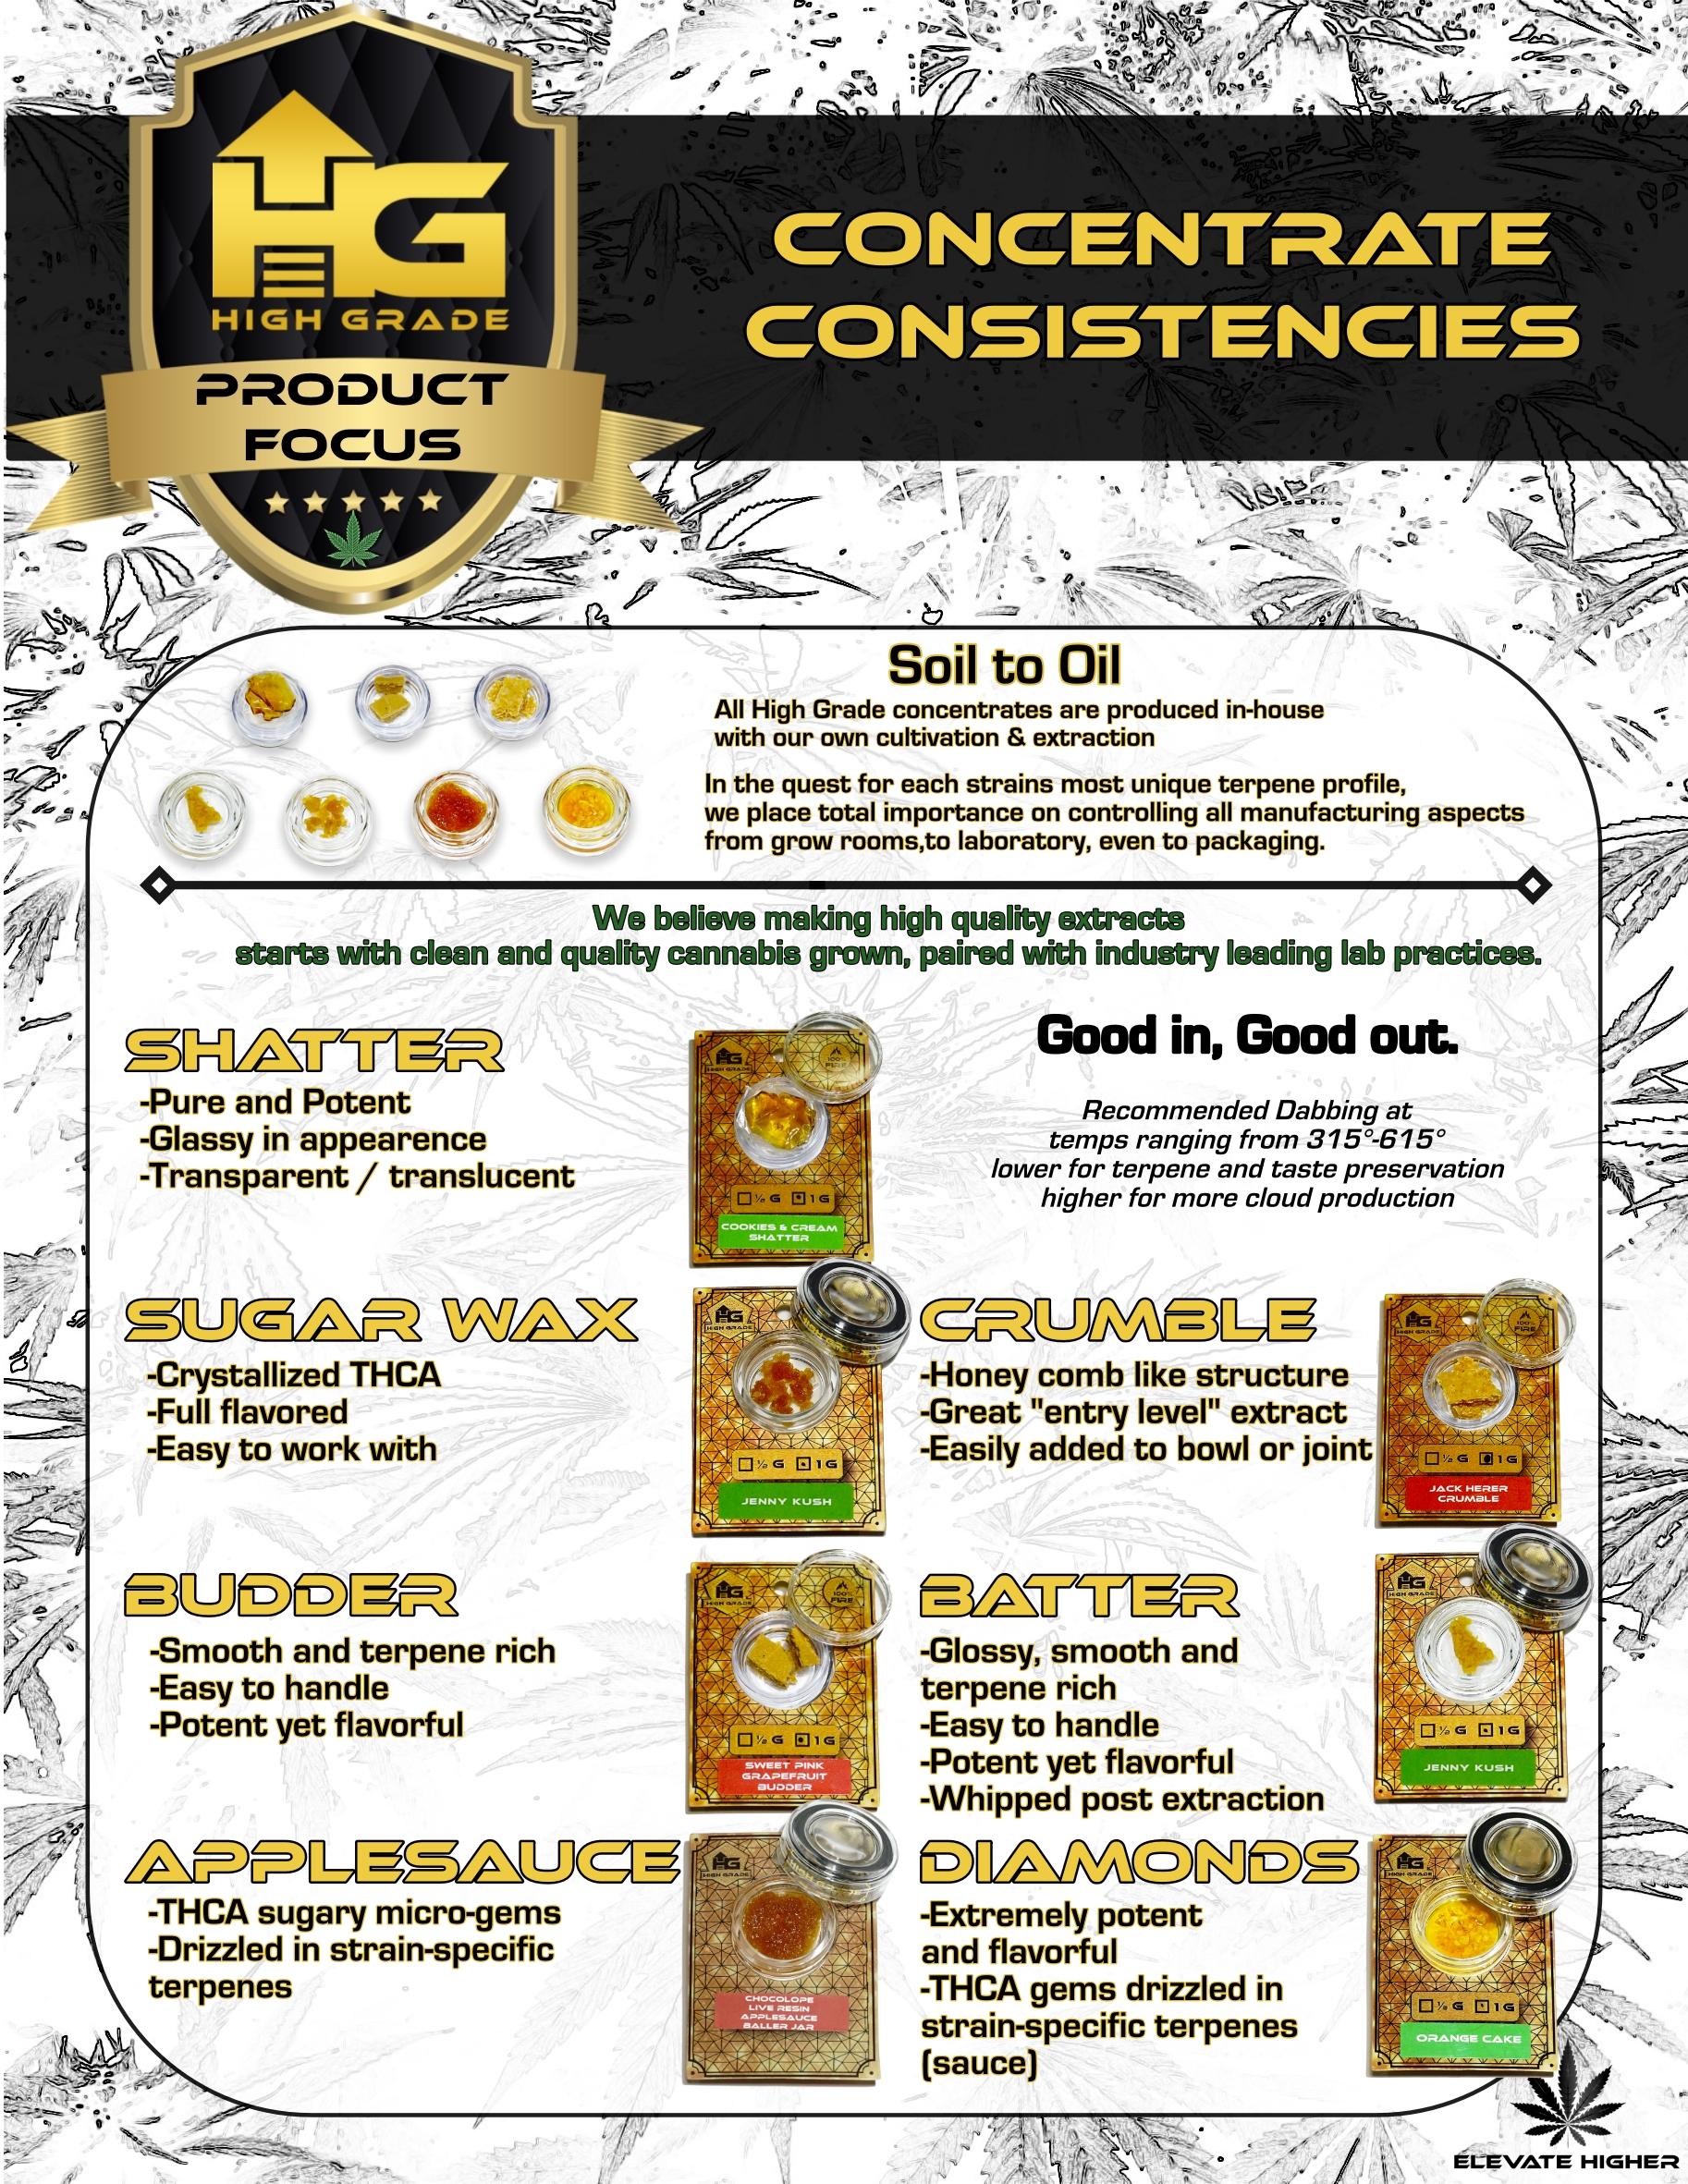 Concentrate Consistencies